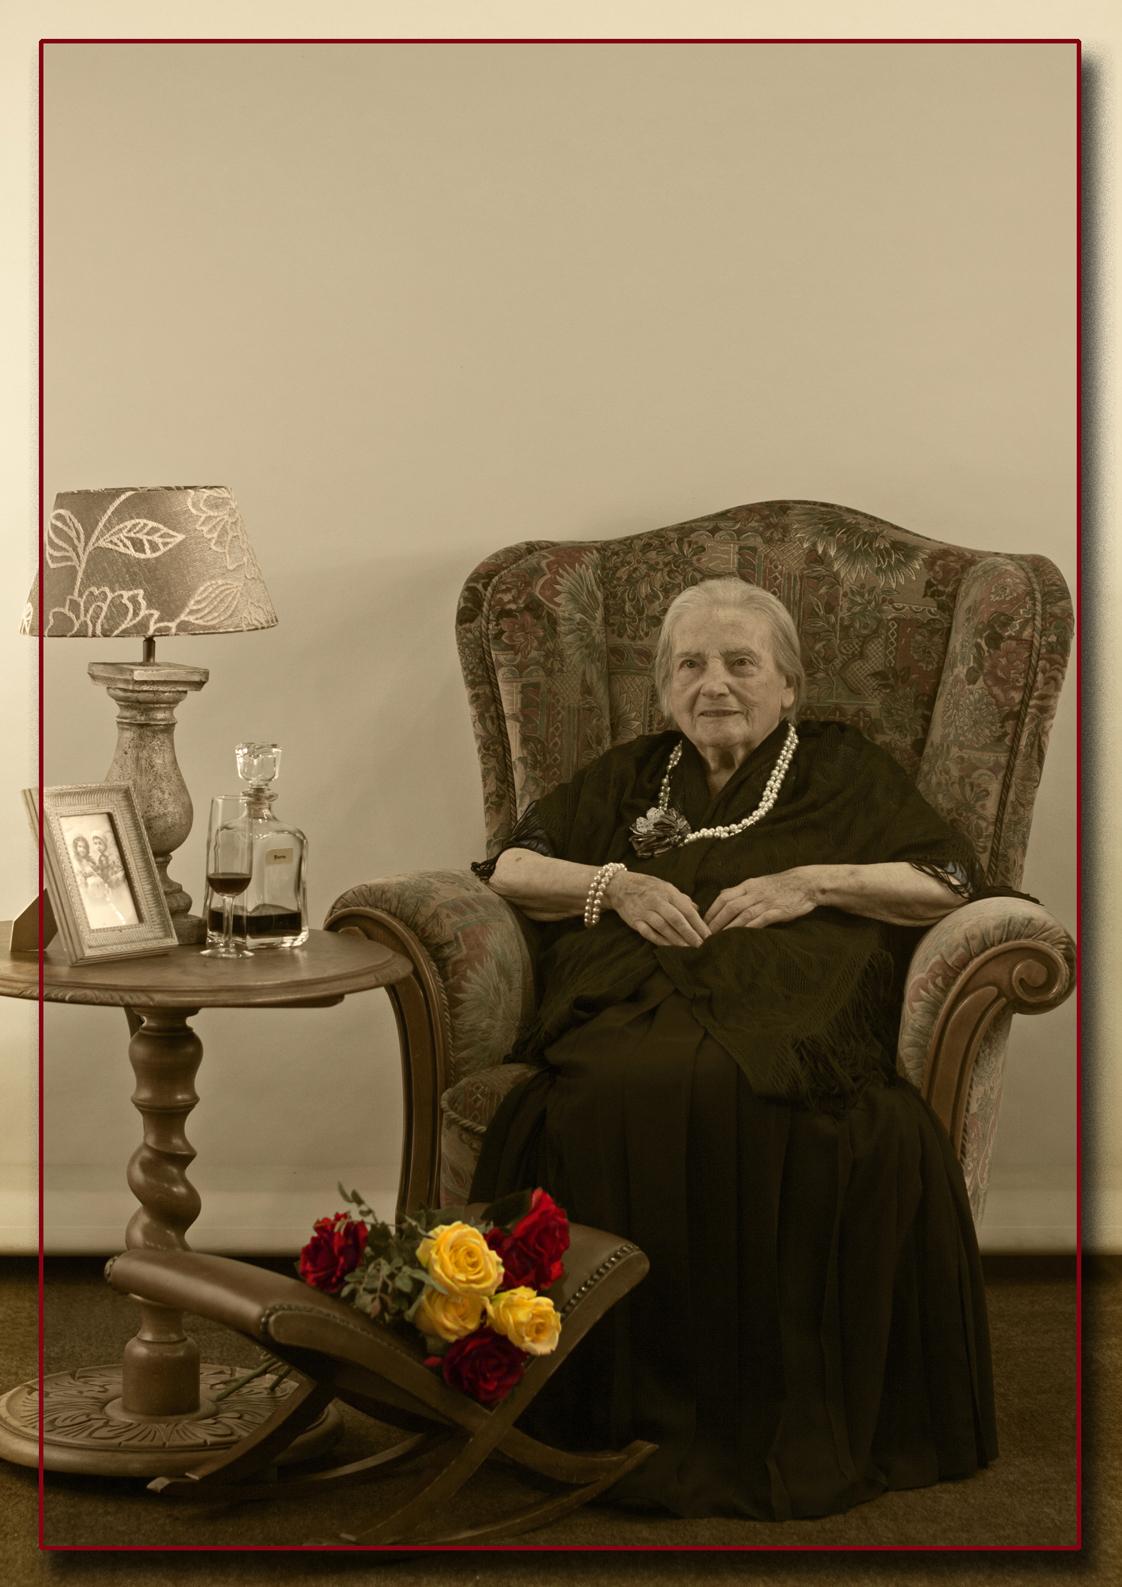 Senioren 28 - Voor de omschrijving zie bij Senioren 1 - foto door kosmopol op 17-01-2012 - deze foto bevat: portret, glamour, senioren, kosmopol